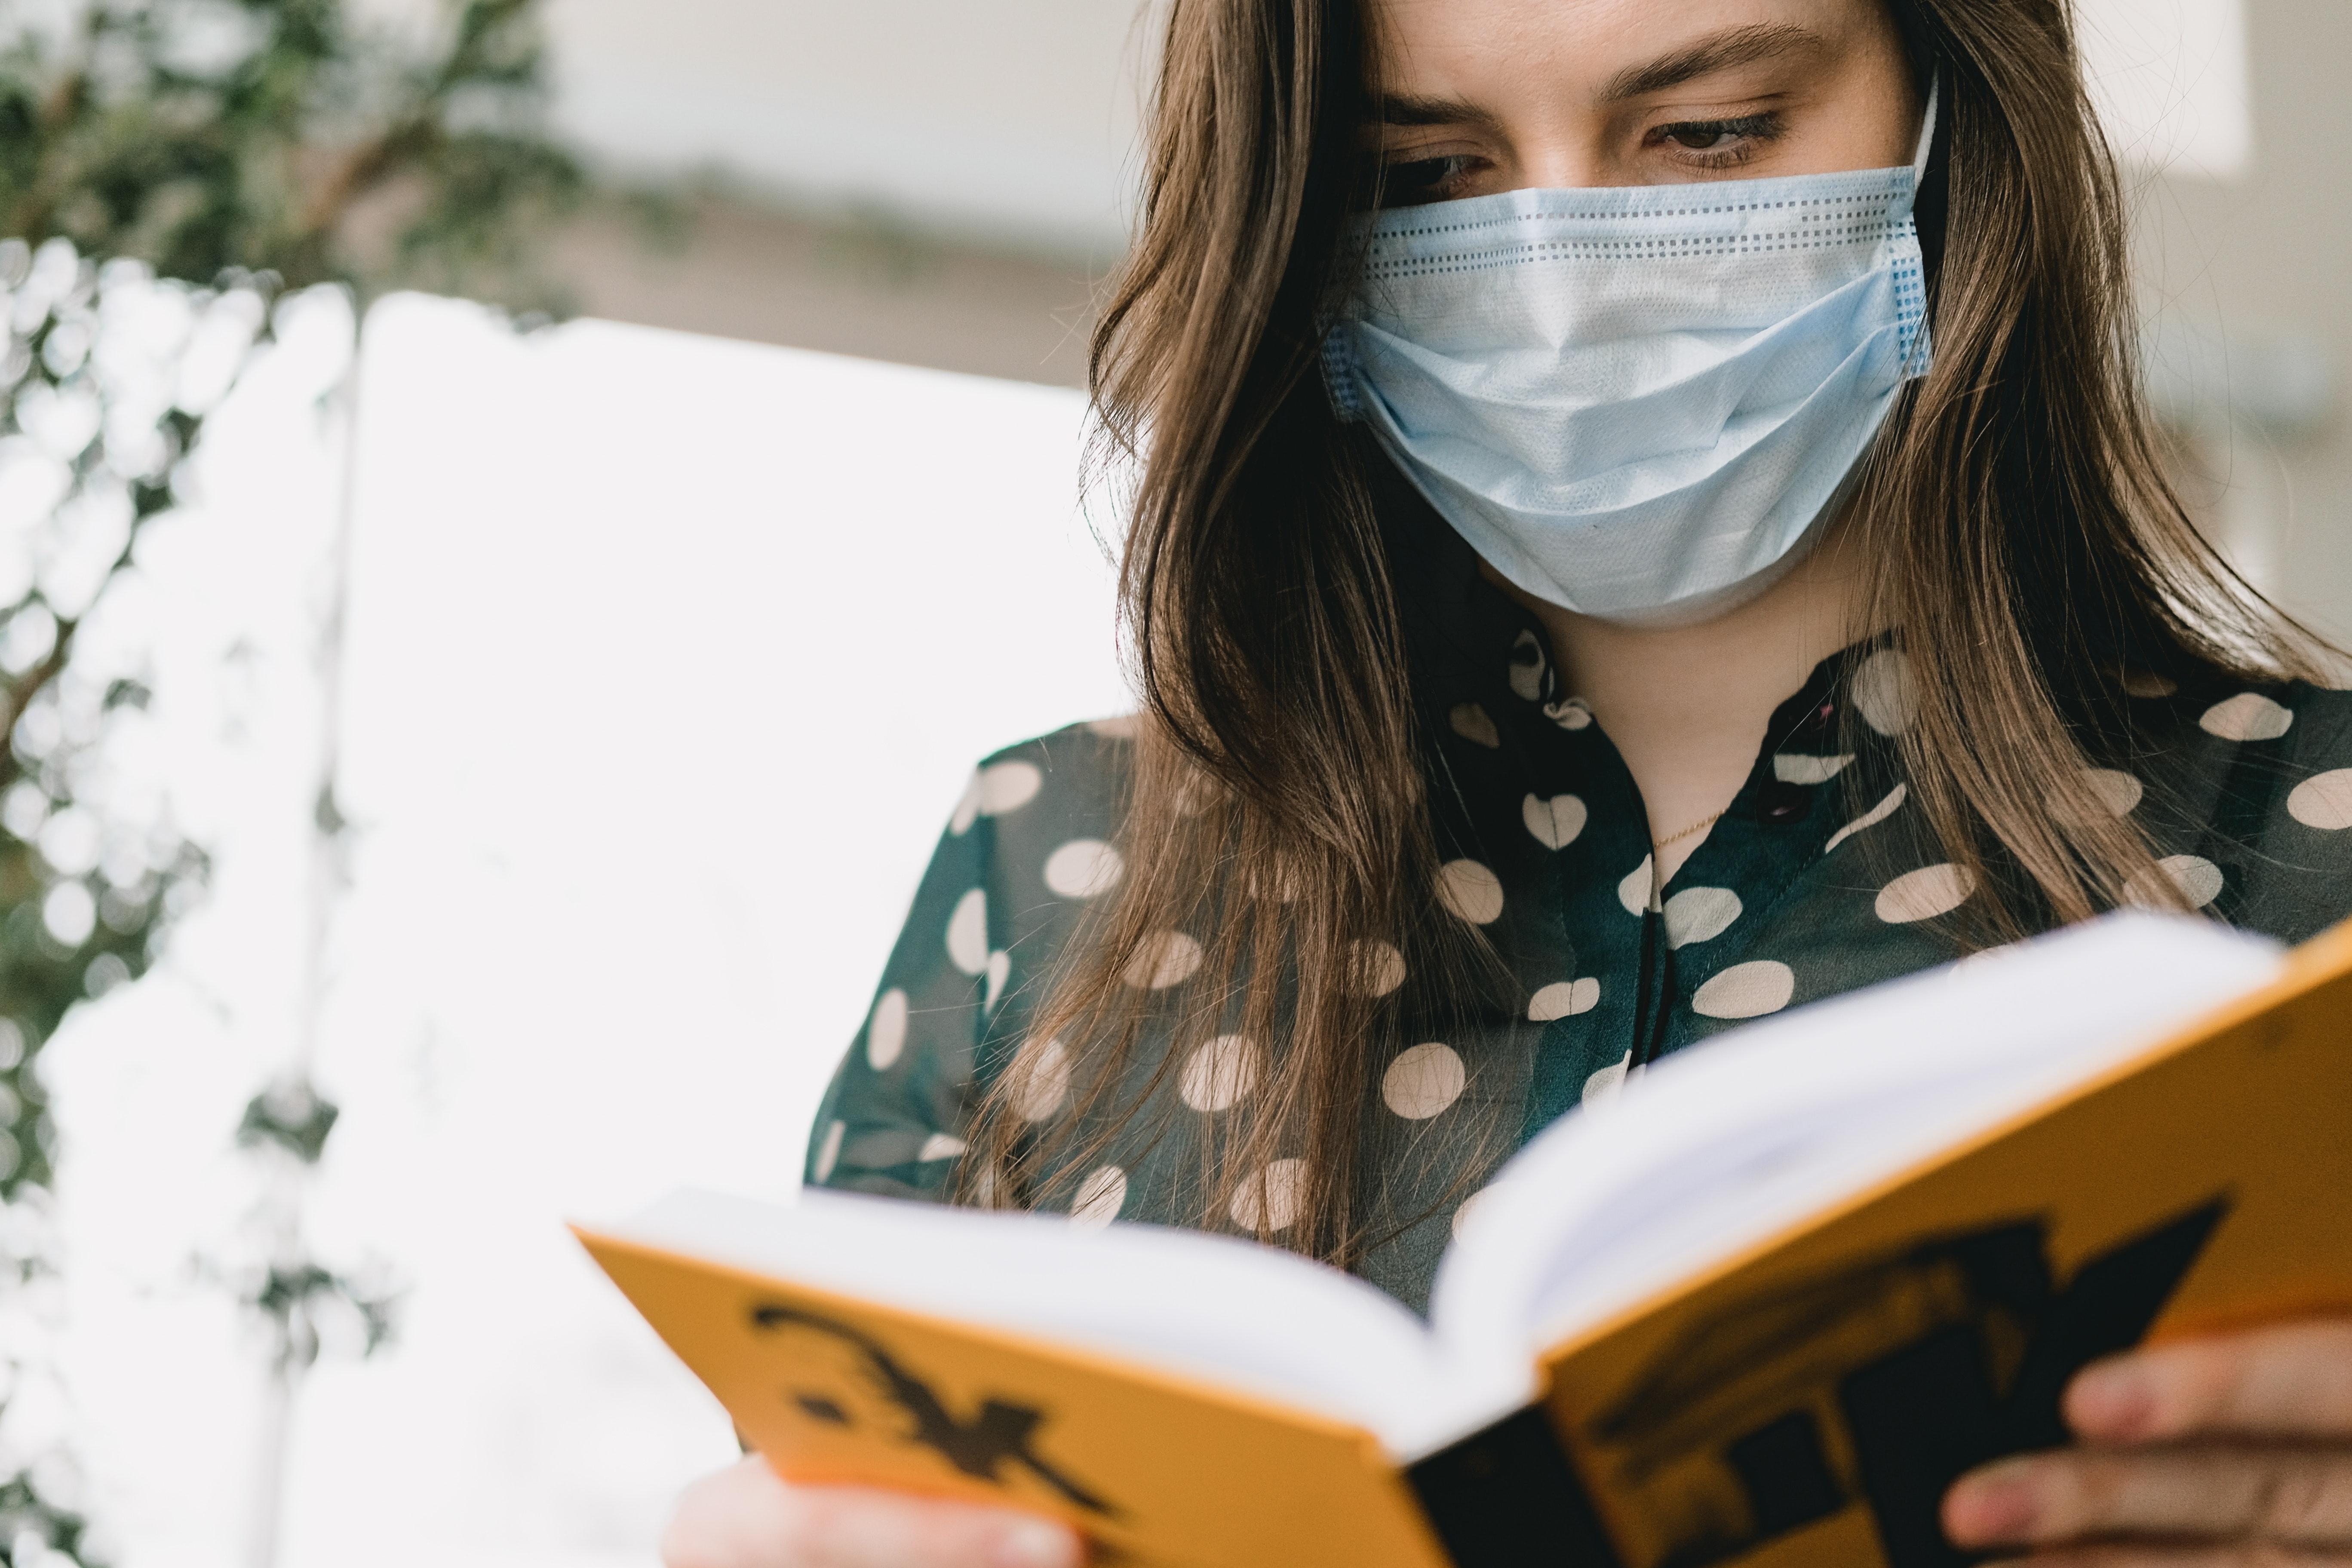 महिलाओं के लिए घातक है यह बीमारी, एक रात भी अच्छी नींद नहीं ली तो आप आ सकती हैं चपेट में, युवावस्था में हायर एजुकेशन से बढ़ेगी मेमोरी पावर|वुमन,Women - Dainik Bhaskar